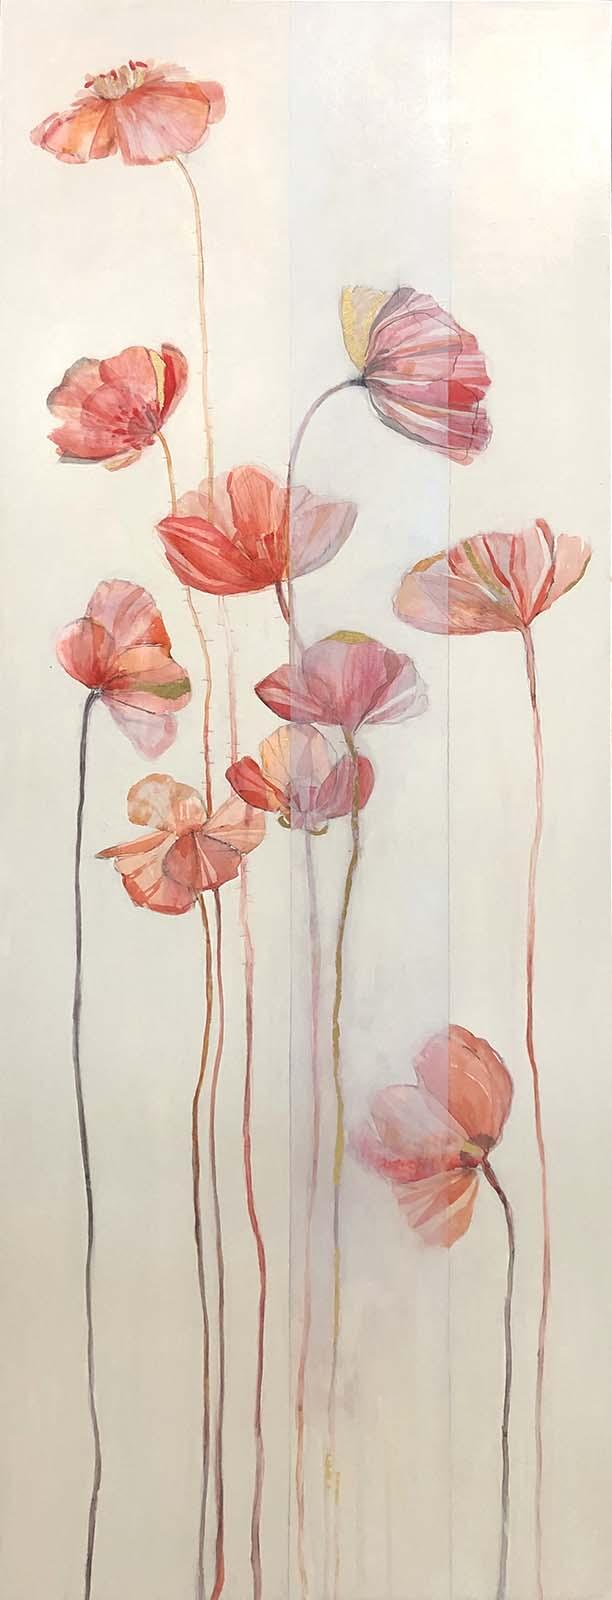 Poppies 1 - Fiona Hoop